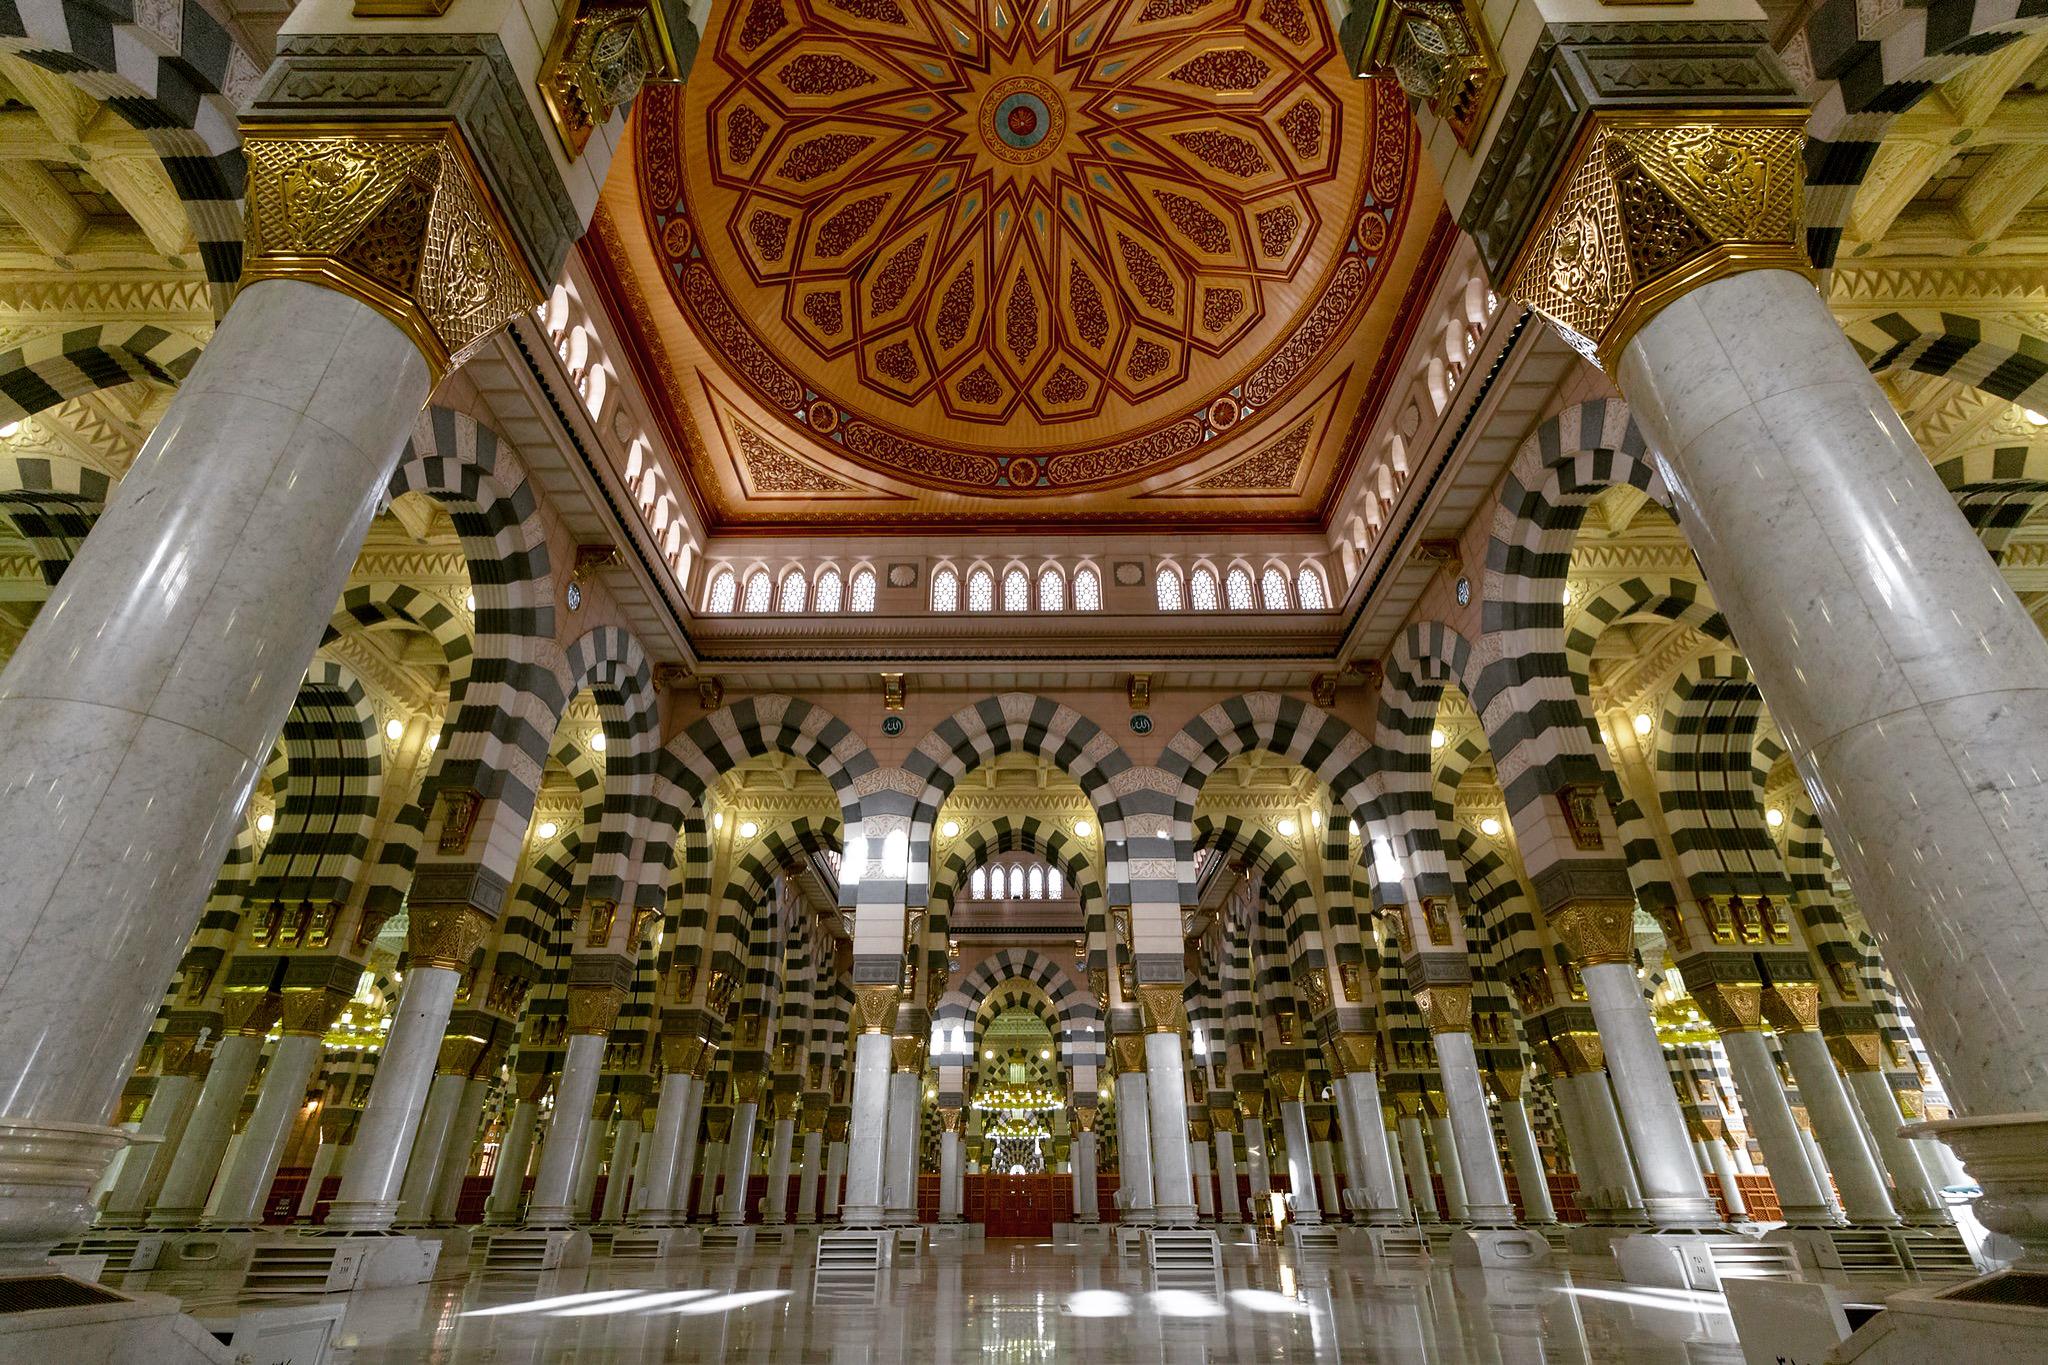 Fundamentos do Monoteísmo (7) – A Importância do Monoteísmo na Sunnah